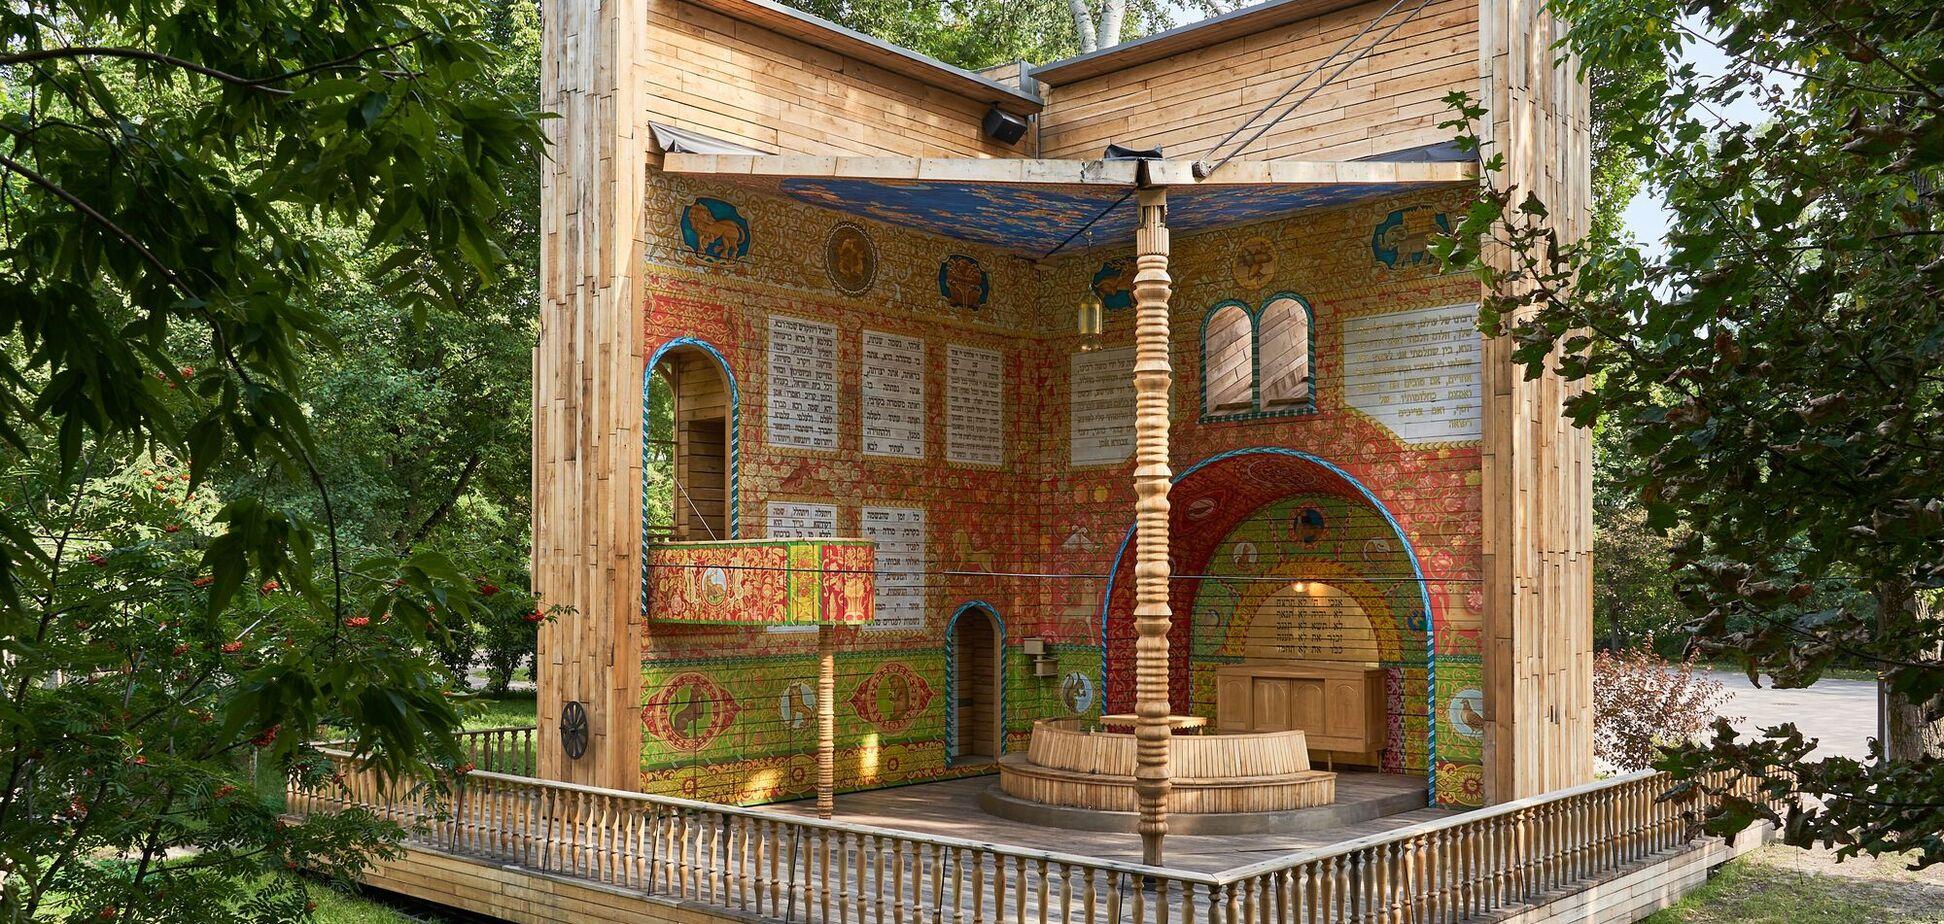 Символическая синагога 'Место для размышлений' вошла в шорт-лист престижной архитектурной премии